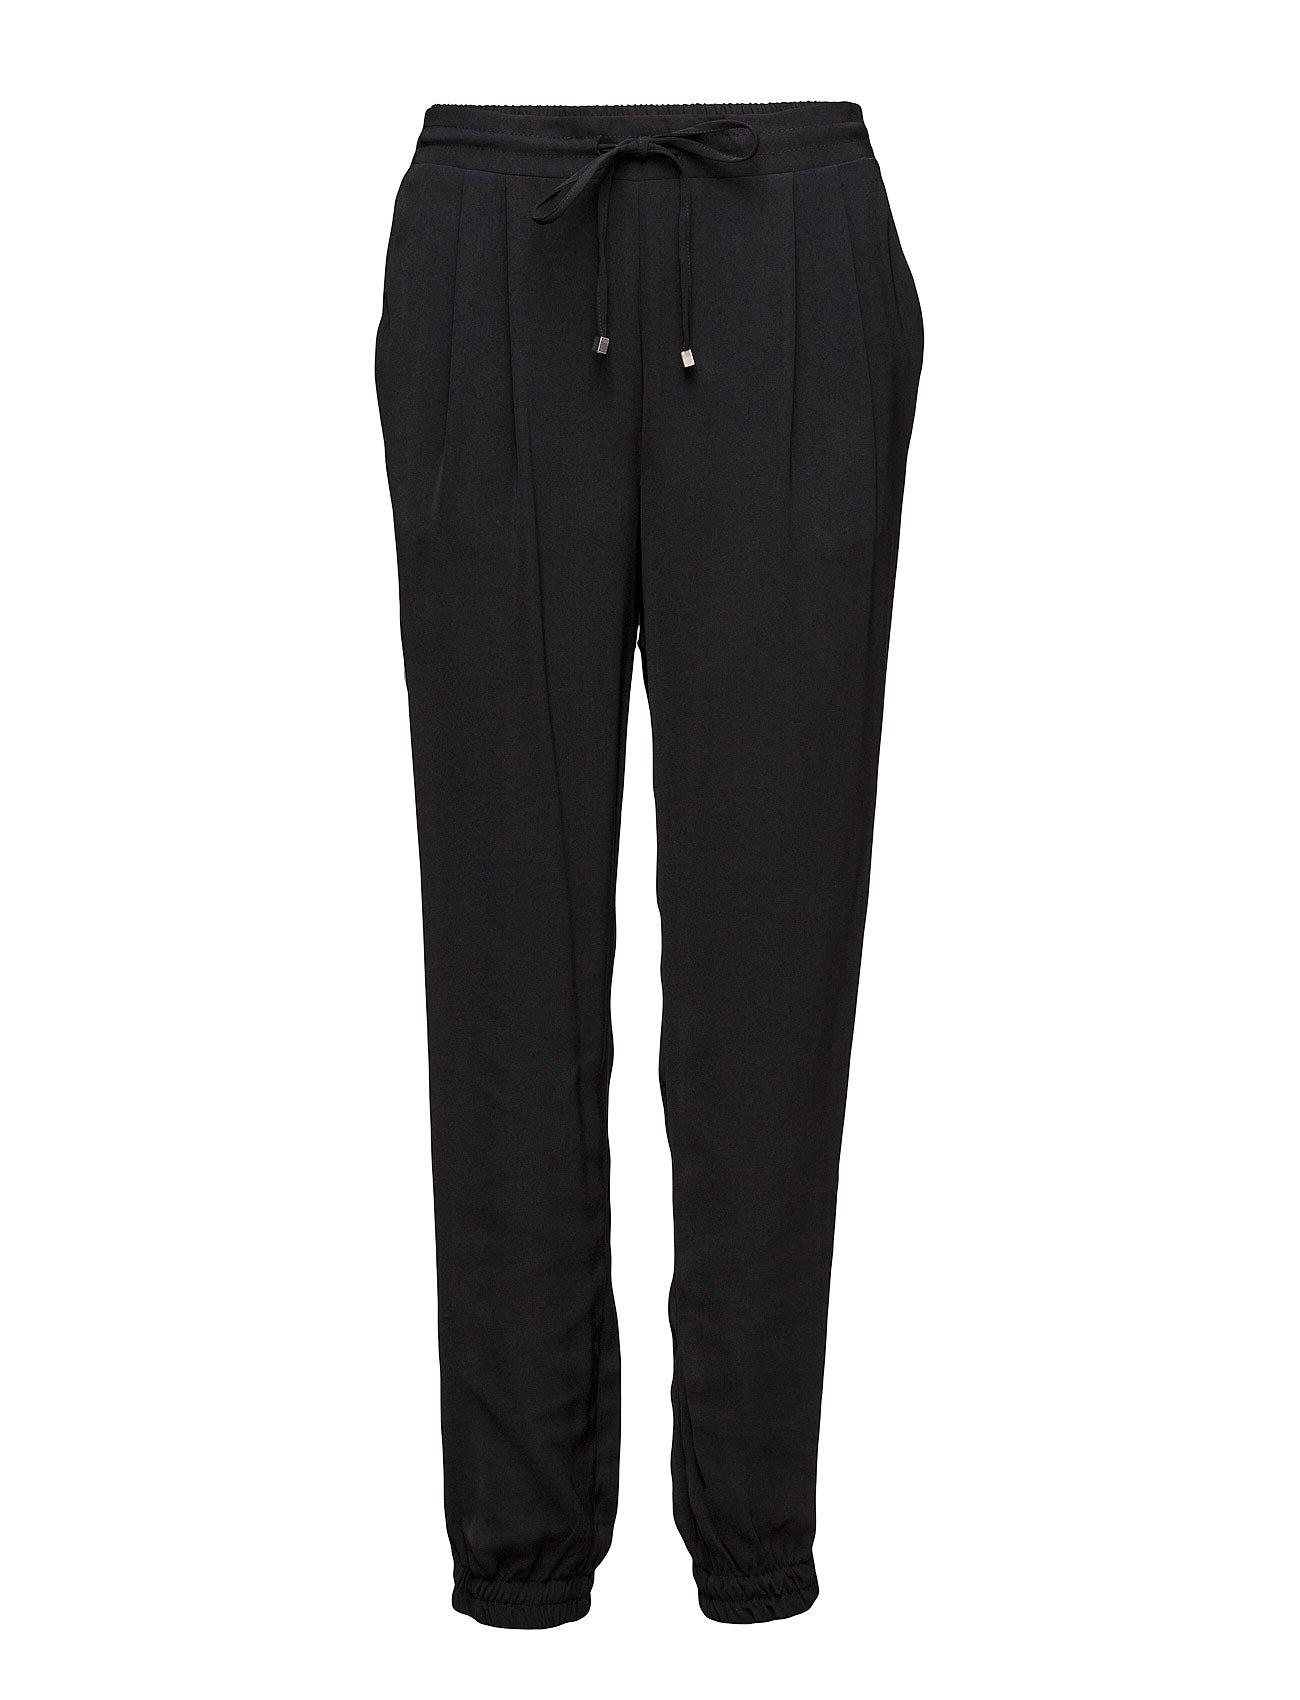 Farrah Pants Soft Rebels Leggings til Kvinder i 001 Black